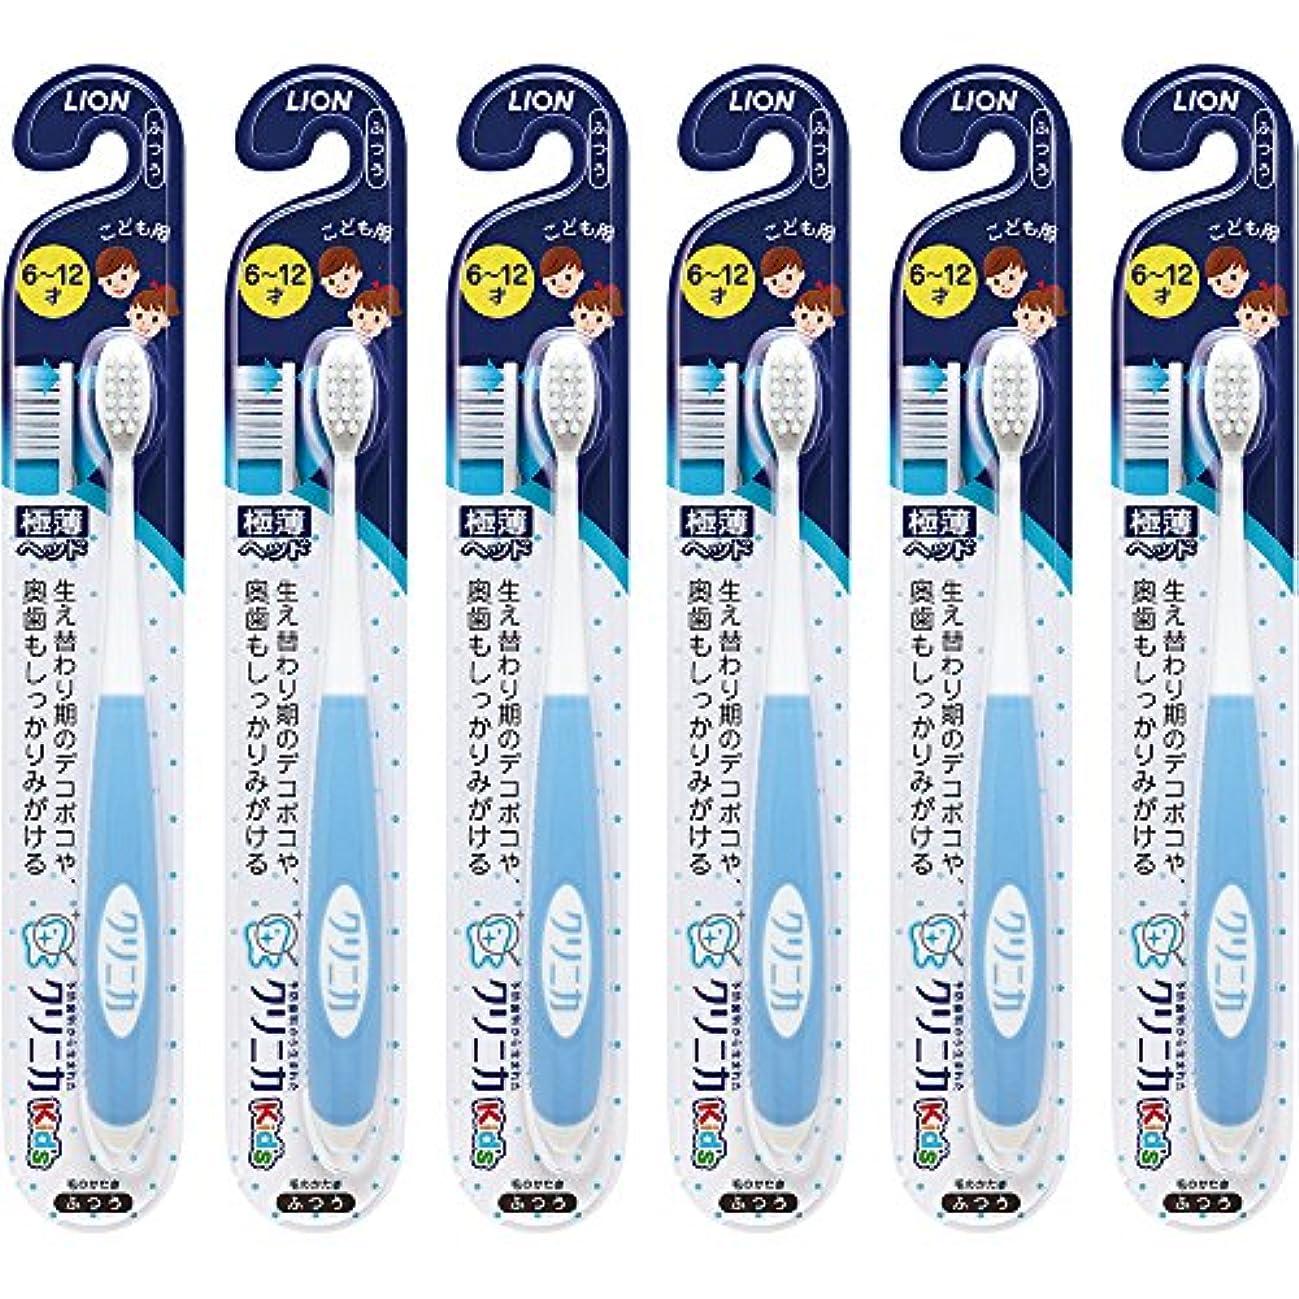 偶然のティーンエイジャー円形のクリニカKid's ハブラシ 6-12才用 6本パック(ブルー)